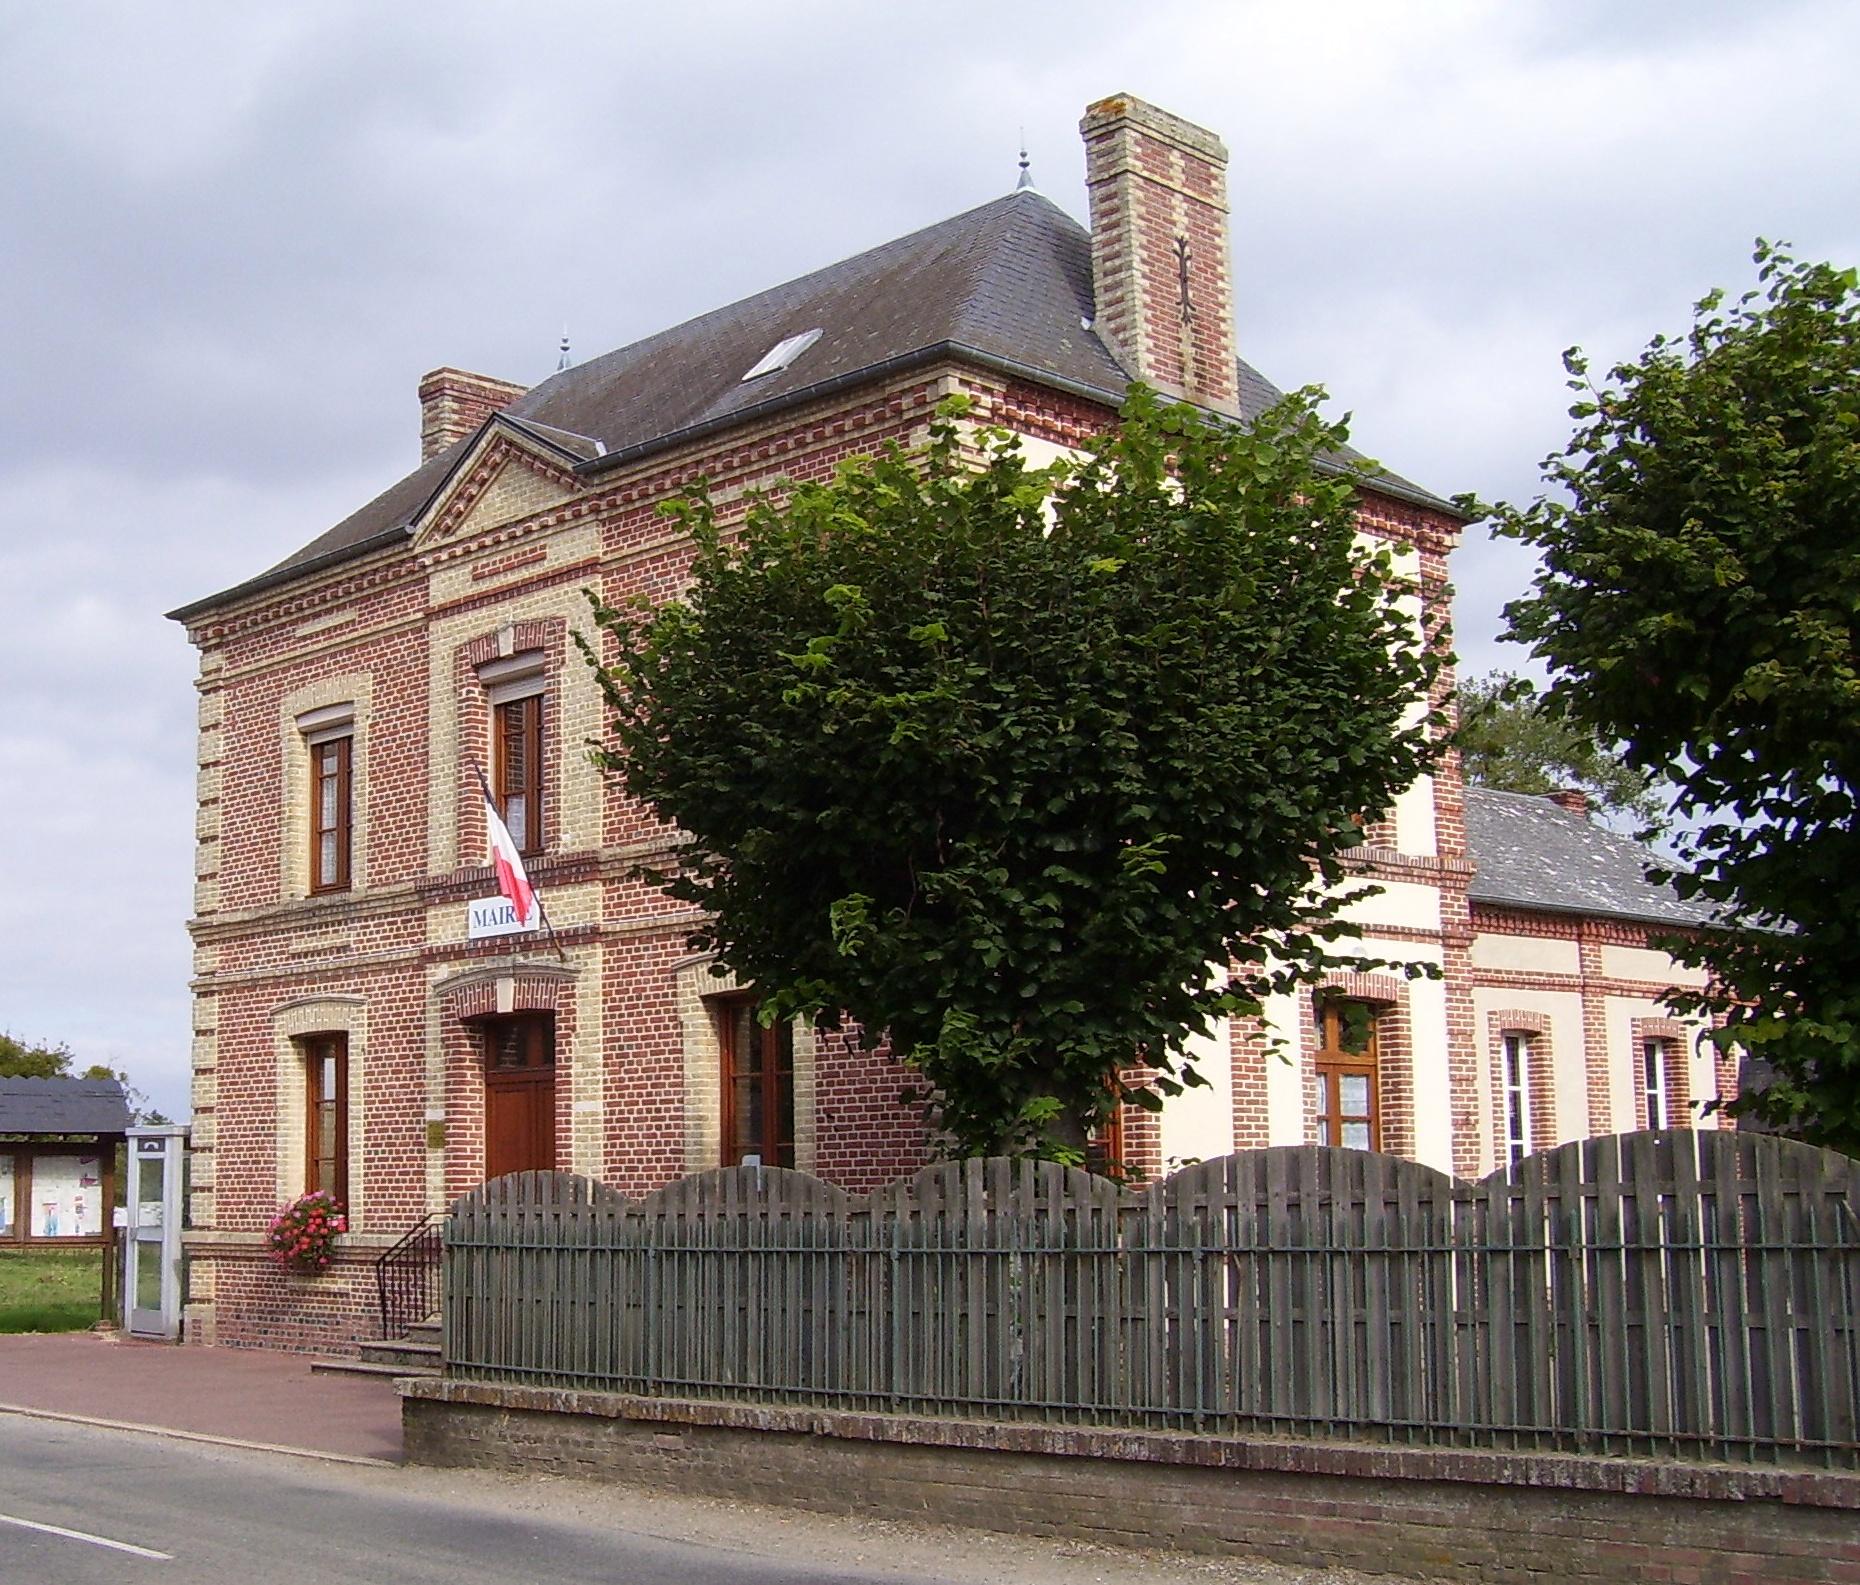 Mairie, eigenes Foto (auf commons), Lizenz: public domain/gemeinfrei